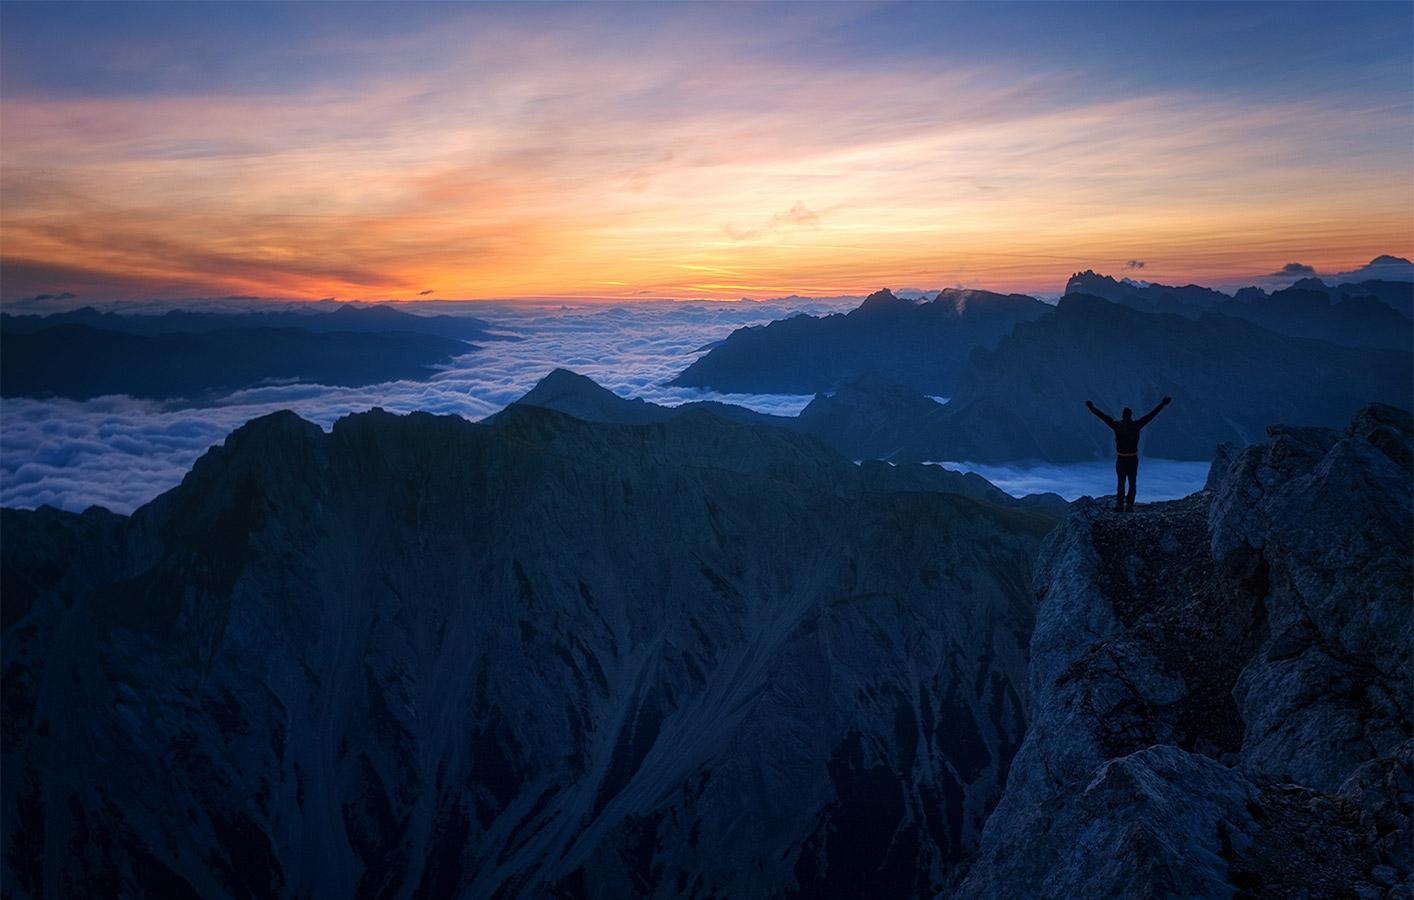 Dolomites - Croda del beco